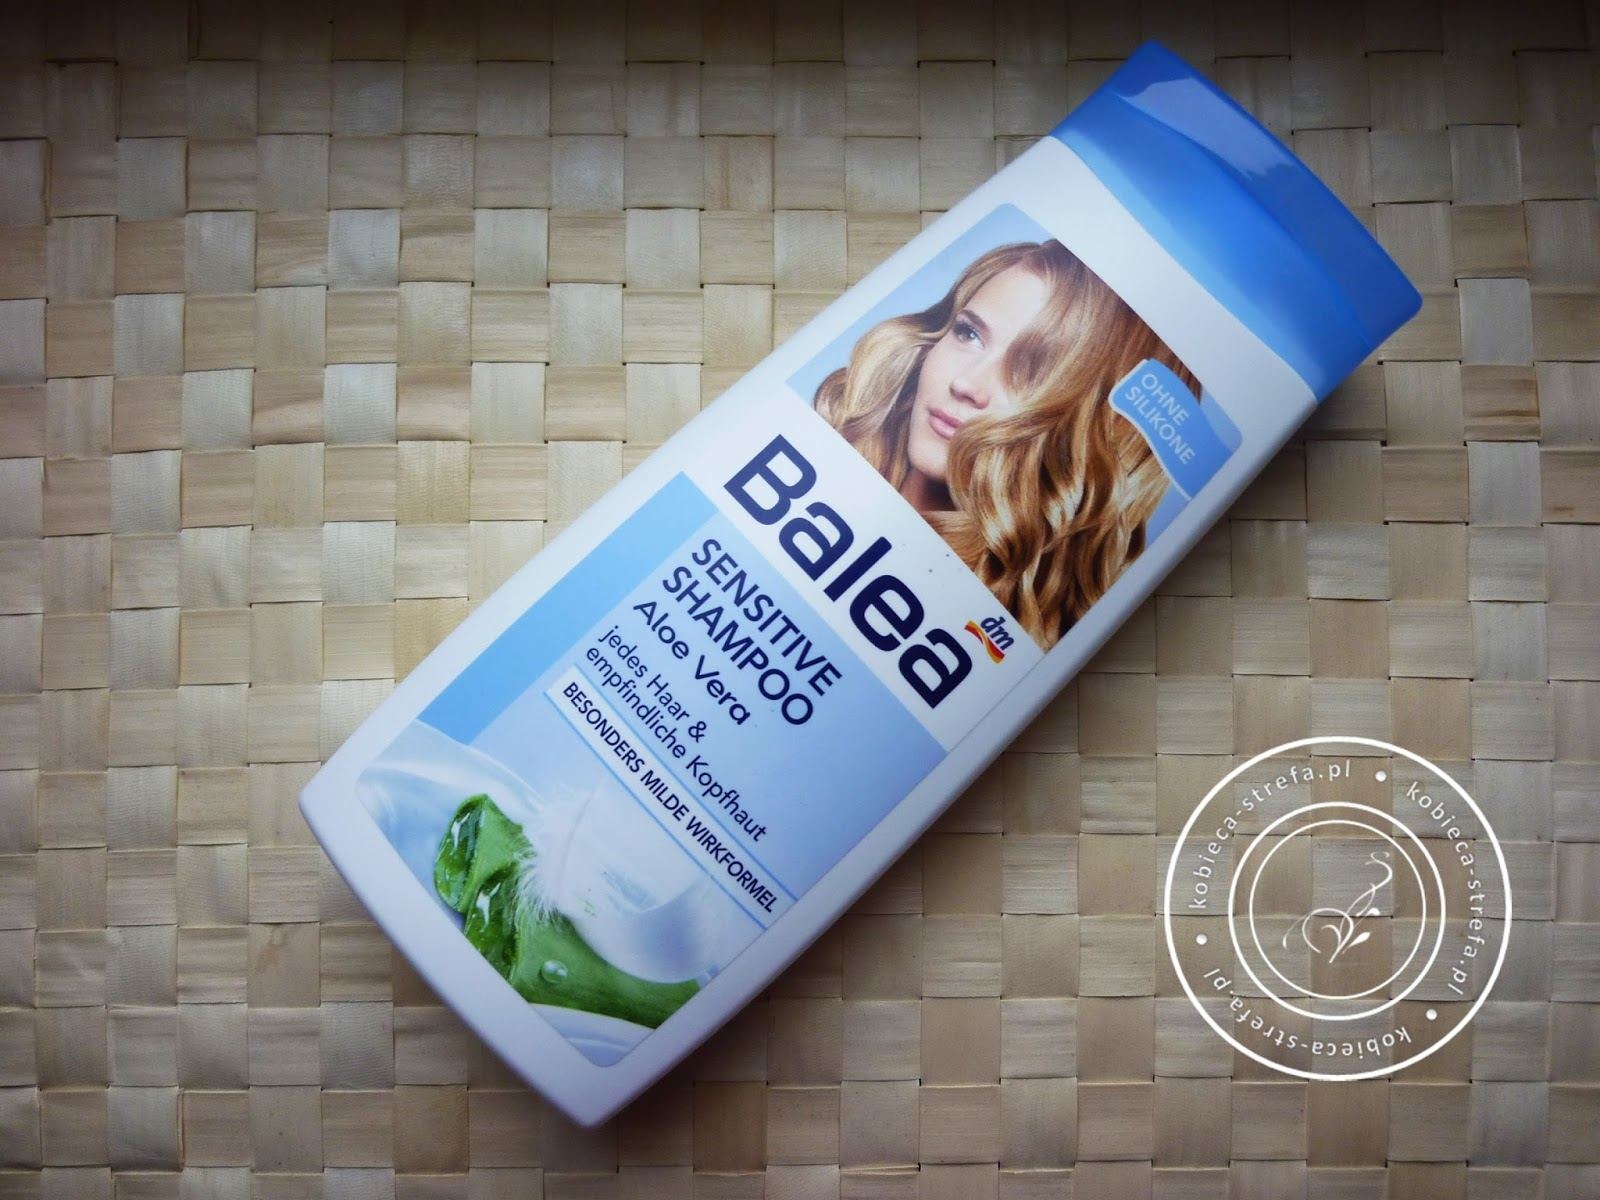 Aloesowy zawrót głowy - czyli Balea w natarciu - Balea delikatny szampon do wrażliwej skóry głowy z aloesem